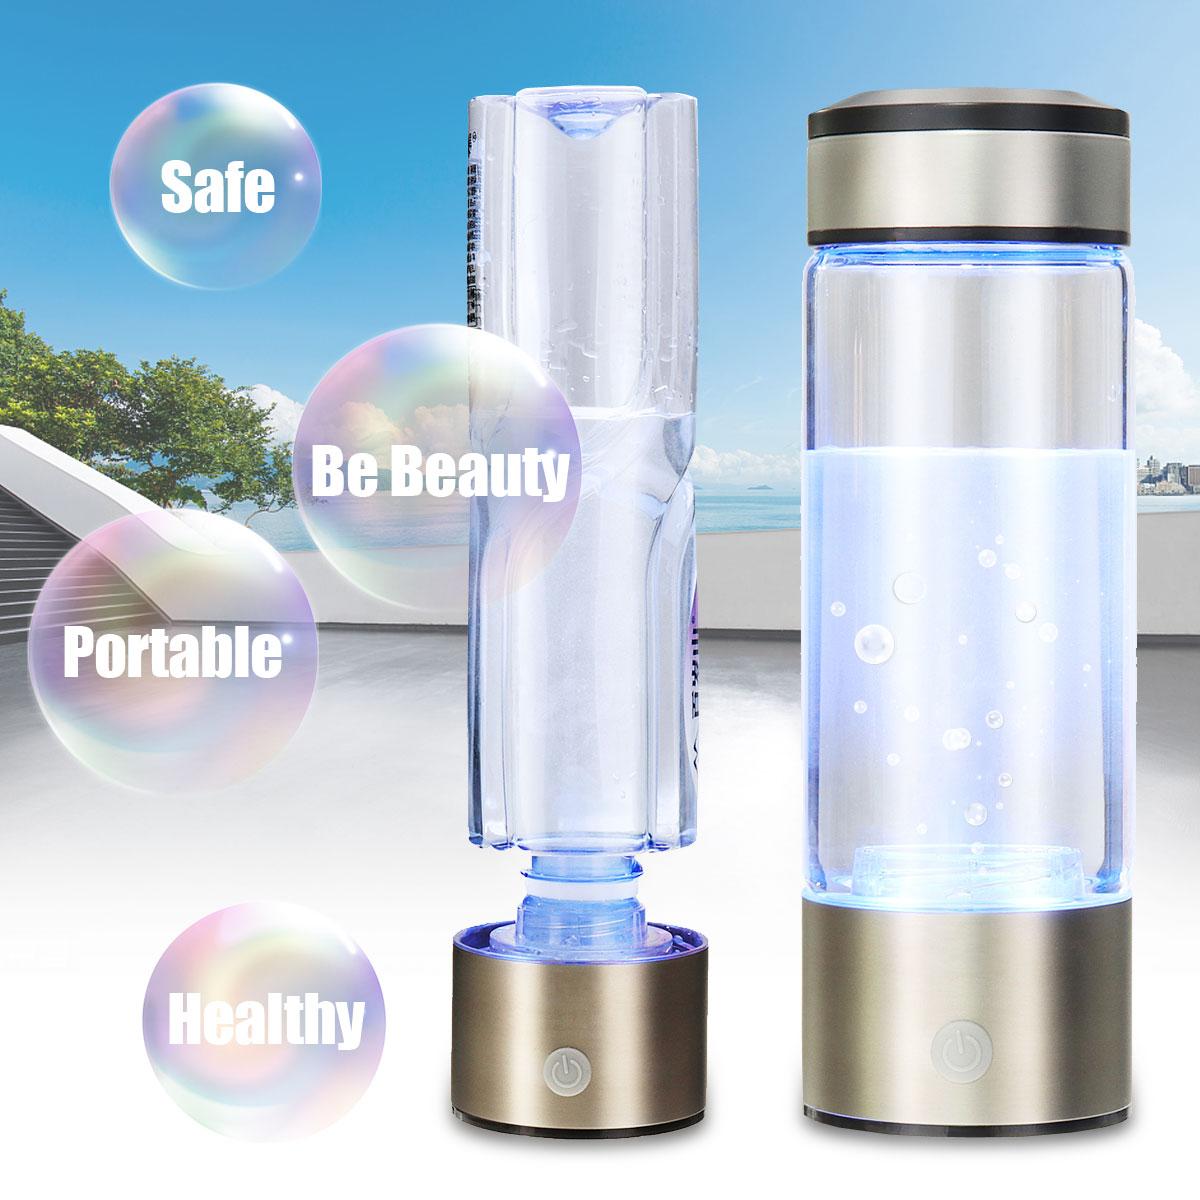 Portable Hydrogen-Rich Water Bottle Alkaline Lonizer Hydrogen-Water Generator Maker Rechargeable Water Filter Ionizer Anti-Aging